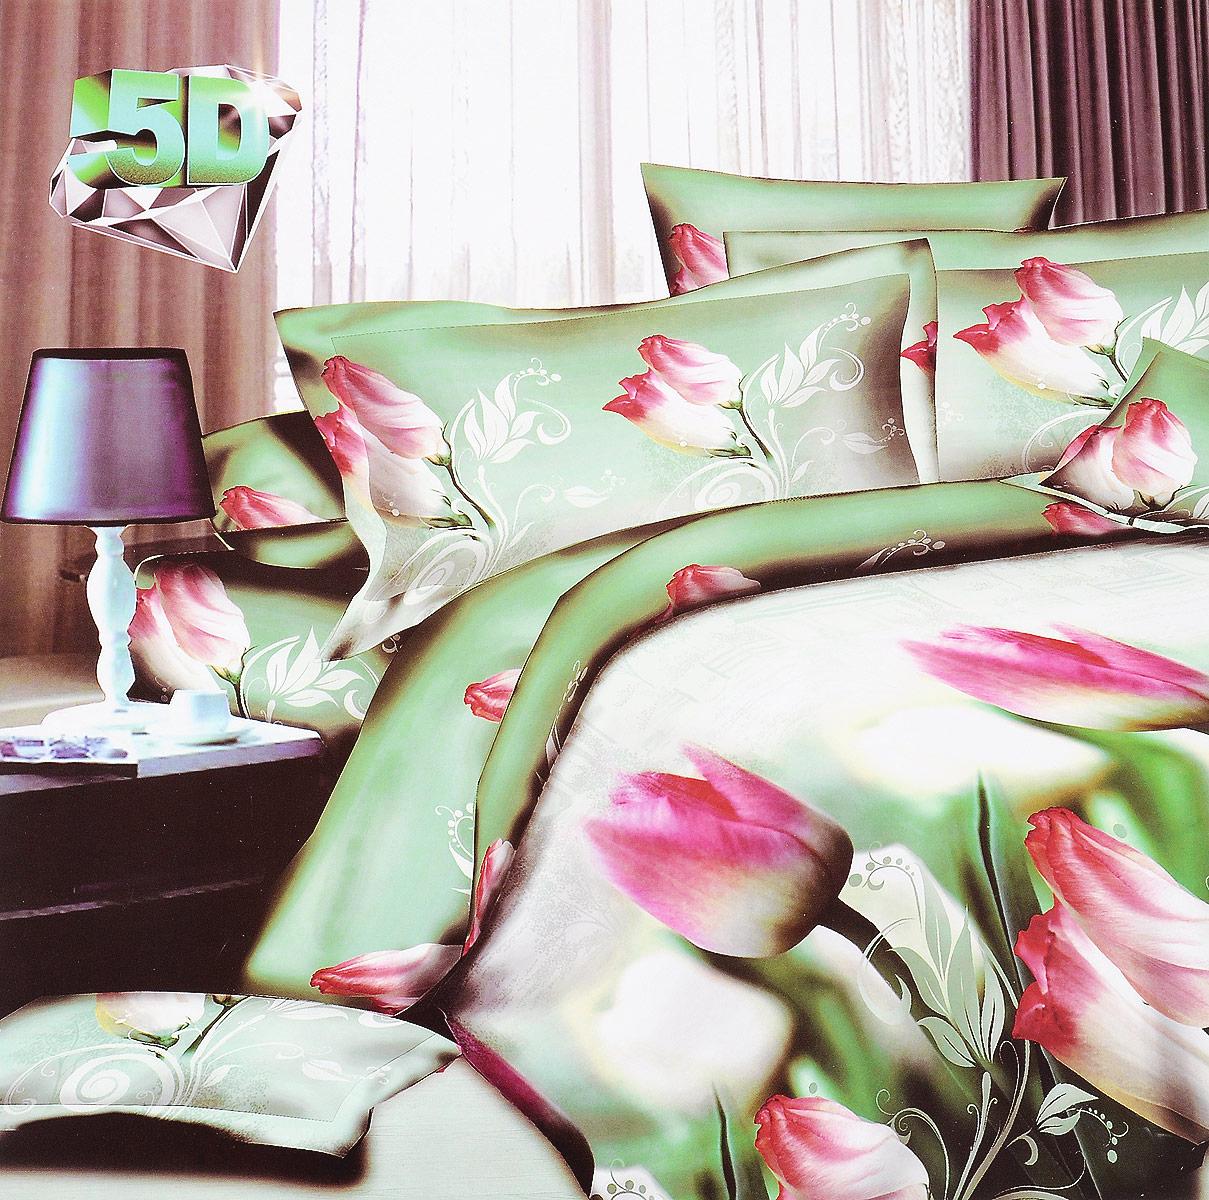 Комплект белья ЭГО Весенний аромат, 2-спальный, наволочки 70x70, цвет: зеленыйЭ-2020-02Комплект белья ЭГО Весенний аромат выполнен из полисатина (50% хлопка, 50% полиэстера). Комплект состоит из пододеяльника, простыни и двух наволочек. Постельное белье имеет изысканный внешний вид и яркую цветовую гамму. Гладкая структура делает ткань приятной на ощупь, мягкой и нежной, при этом она прочная и хорошо сохраняет форму. Ткань легко гладится, не линяет и не садится. Приобретая комплект постельного белья ЭГО Весенний аромат, вы можете быть уверенны в том, что покупка доставит вам и вашим близким удовольствие и подарит максимальный комфорт.